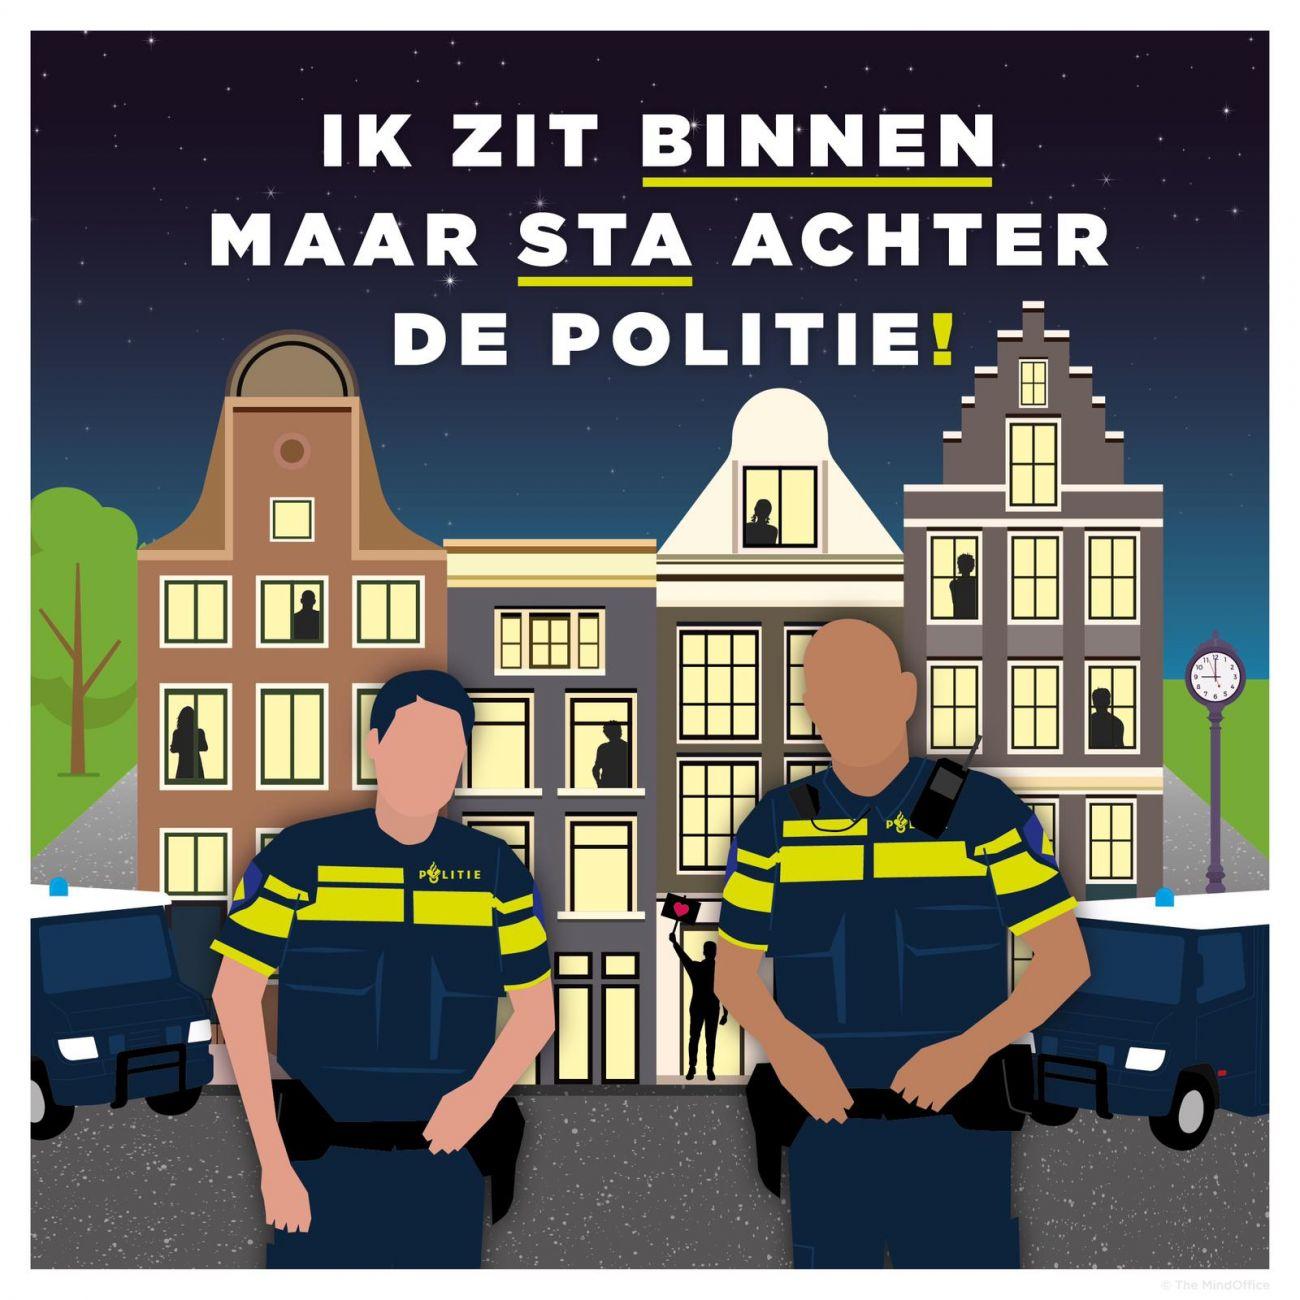 Morele steun voor de politie van weldenkend Nederland